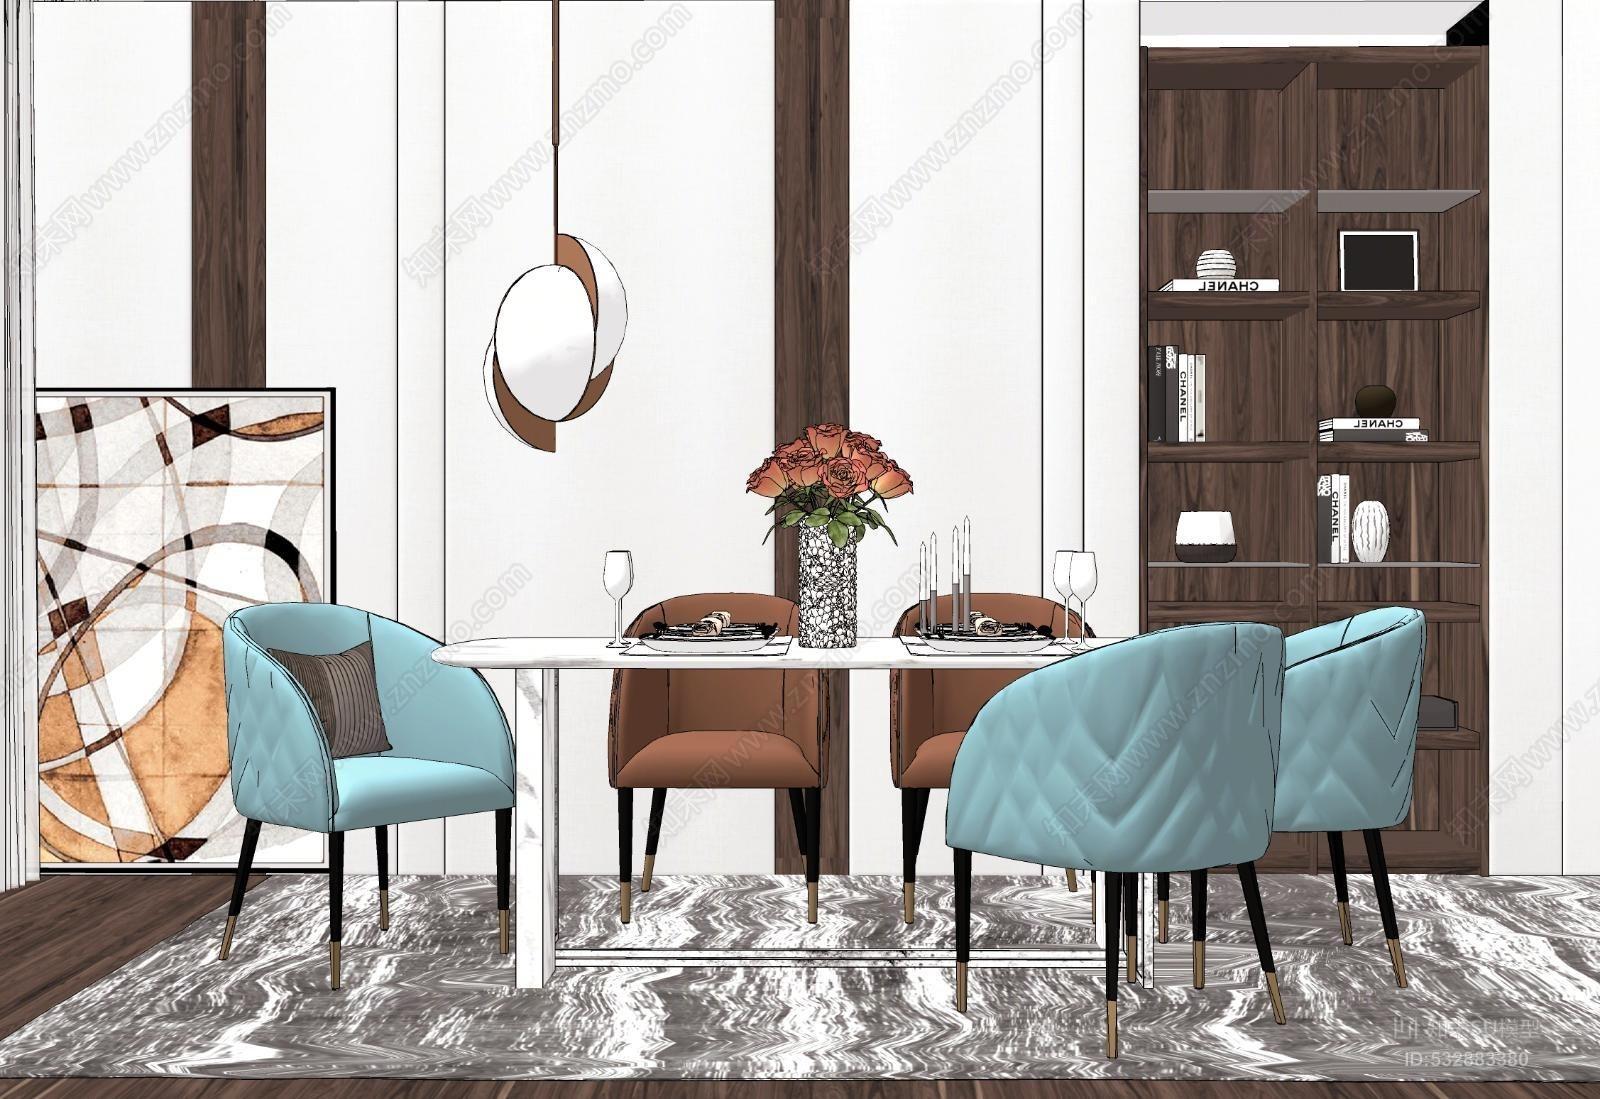 现代餐桌椅吊灯模型组合餐桌 户外 餐厅 室内 家具